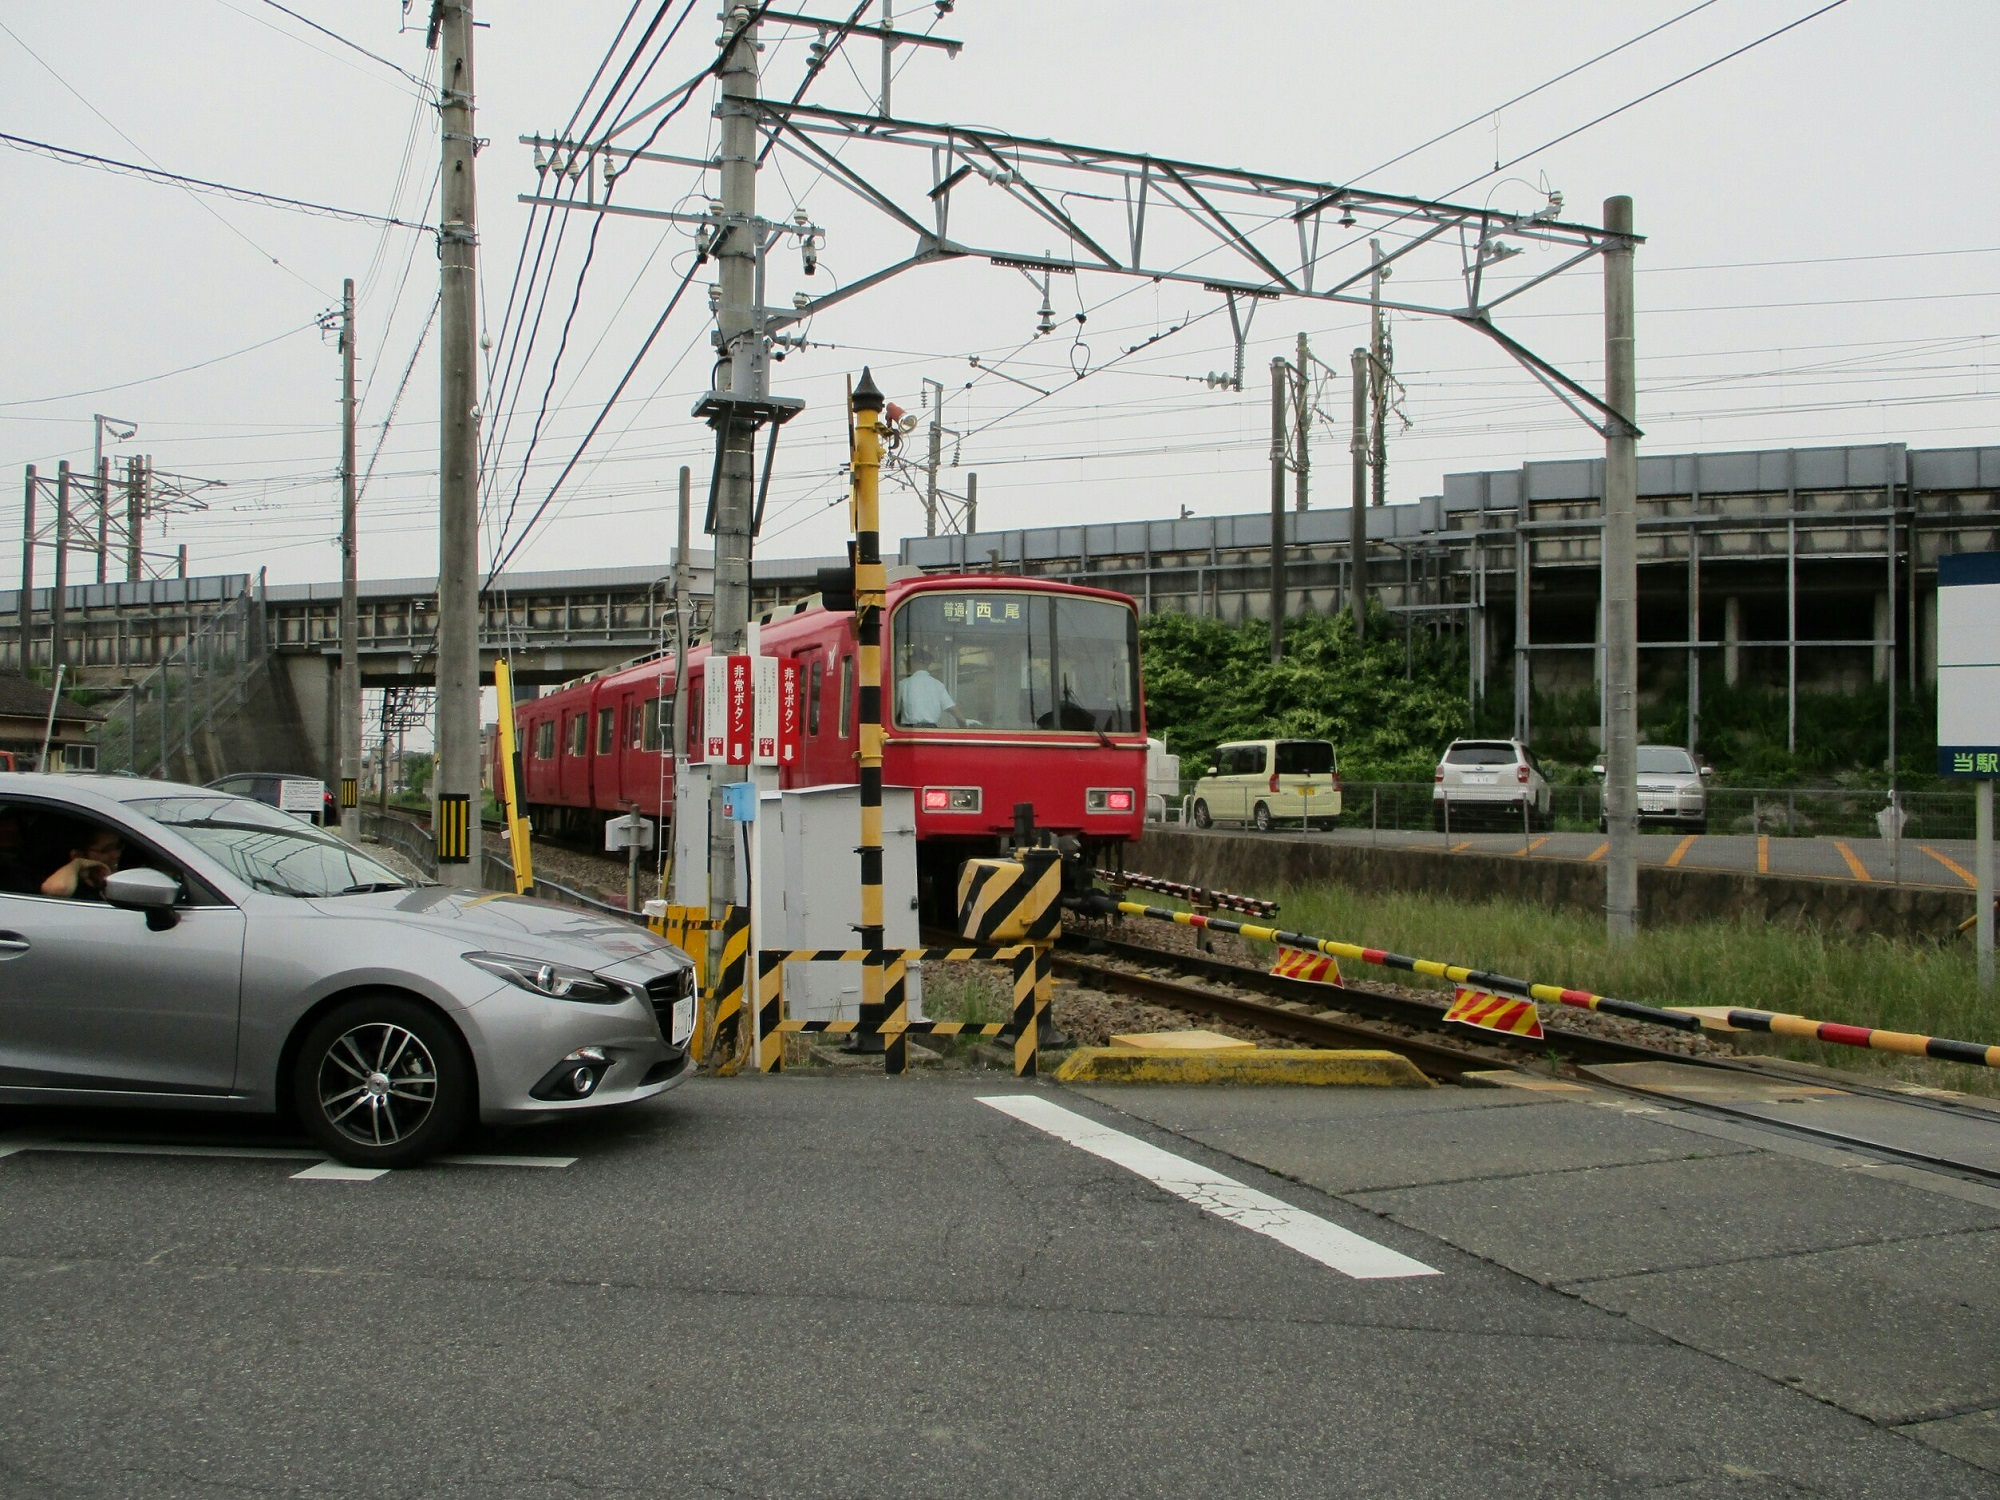 2018.6.10 (28) 古井 - 西尾いきふつう 2000-1500